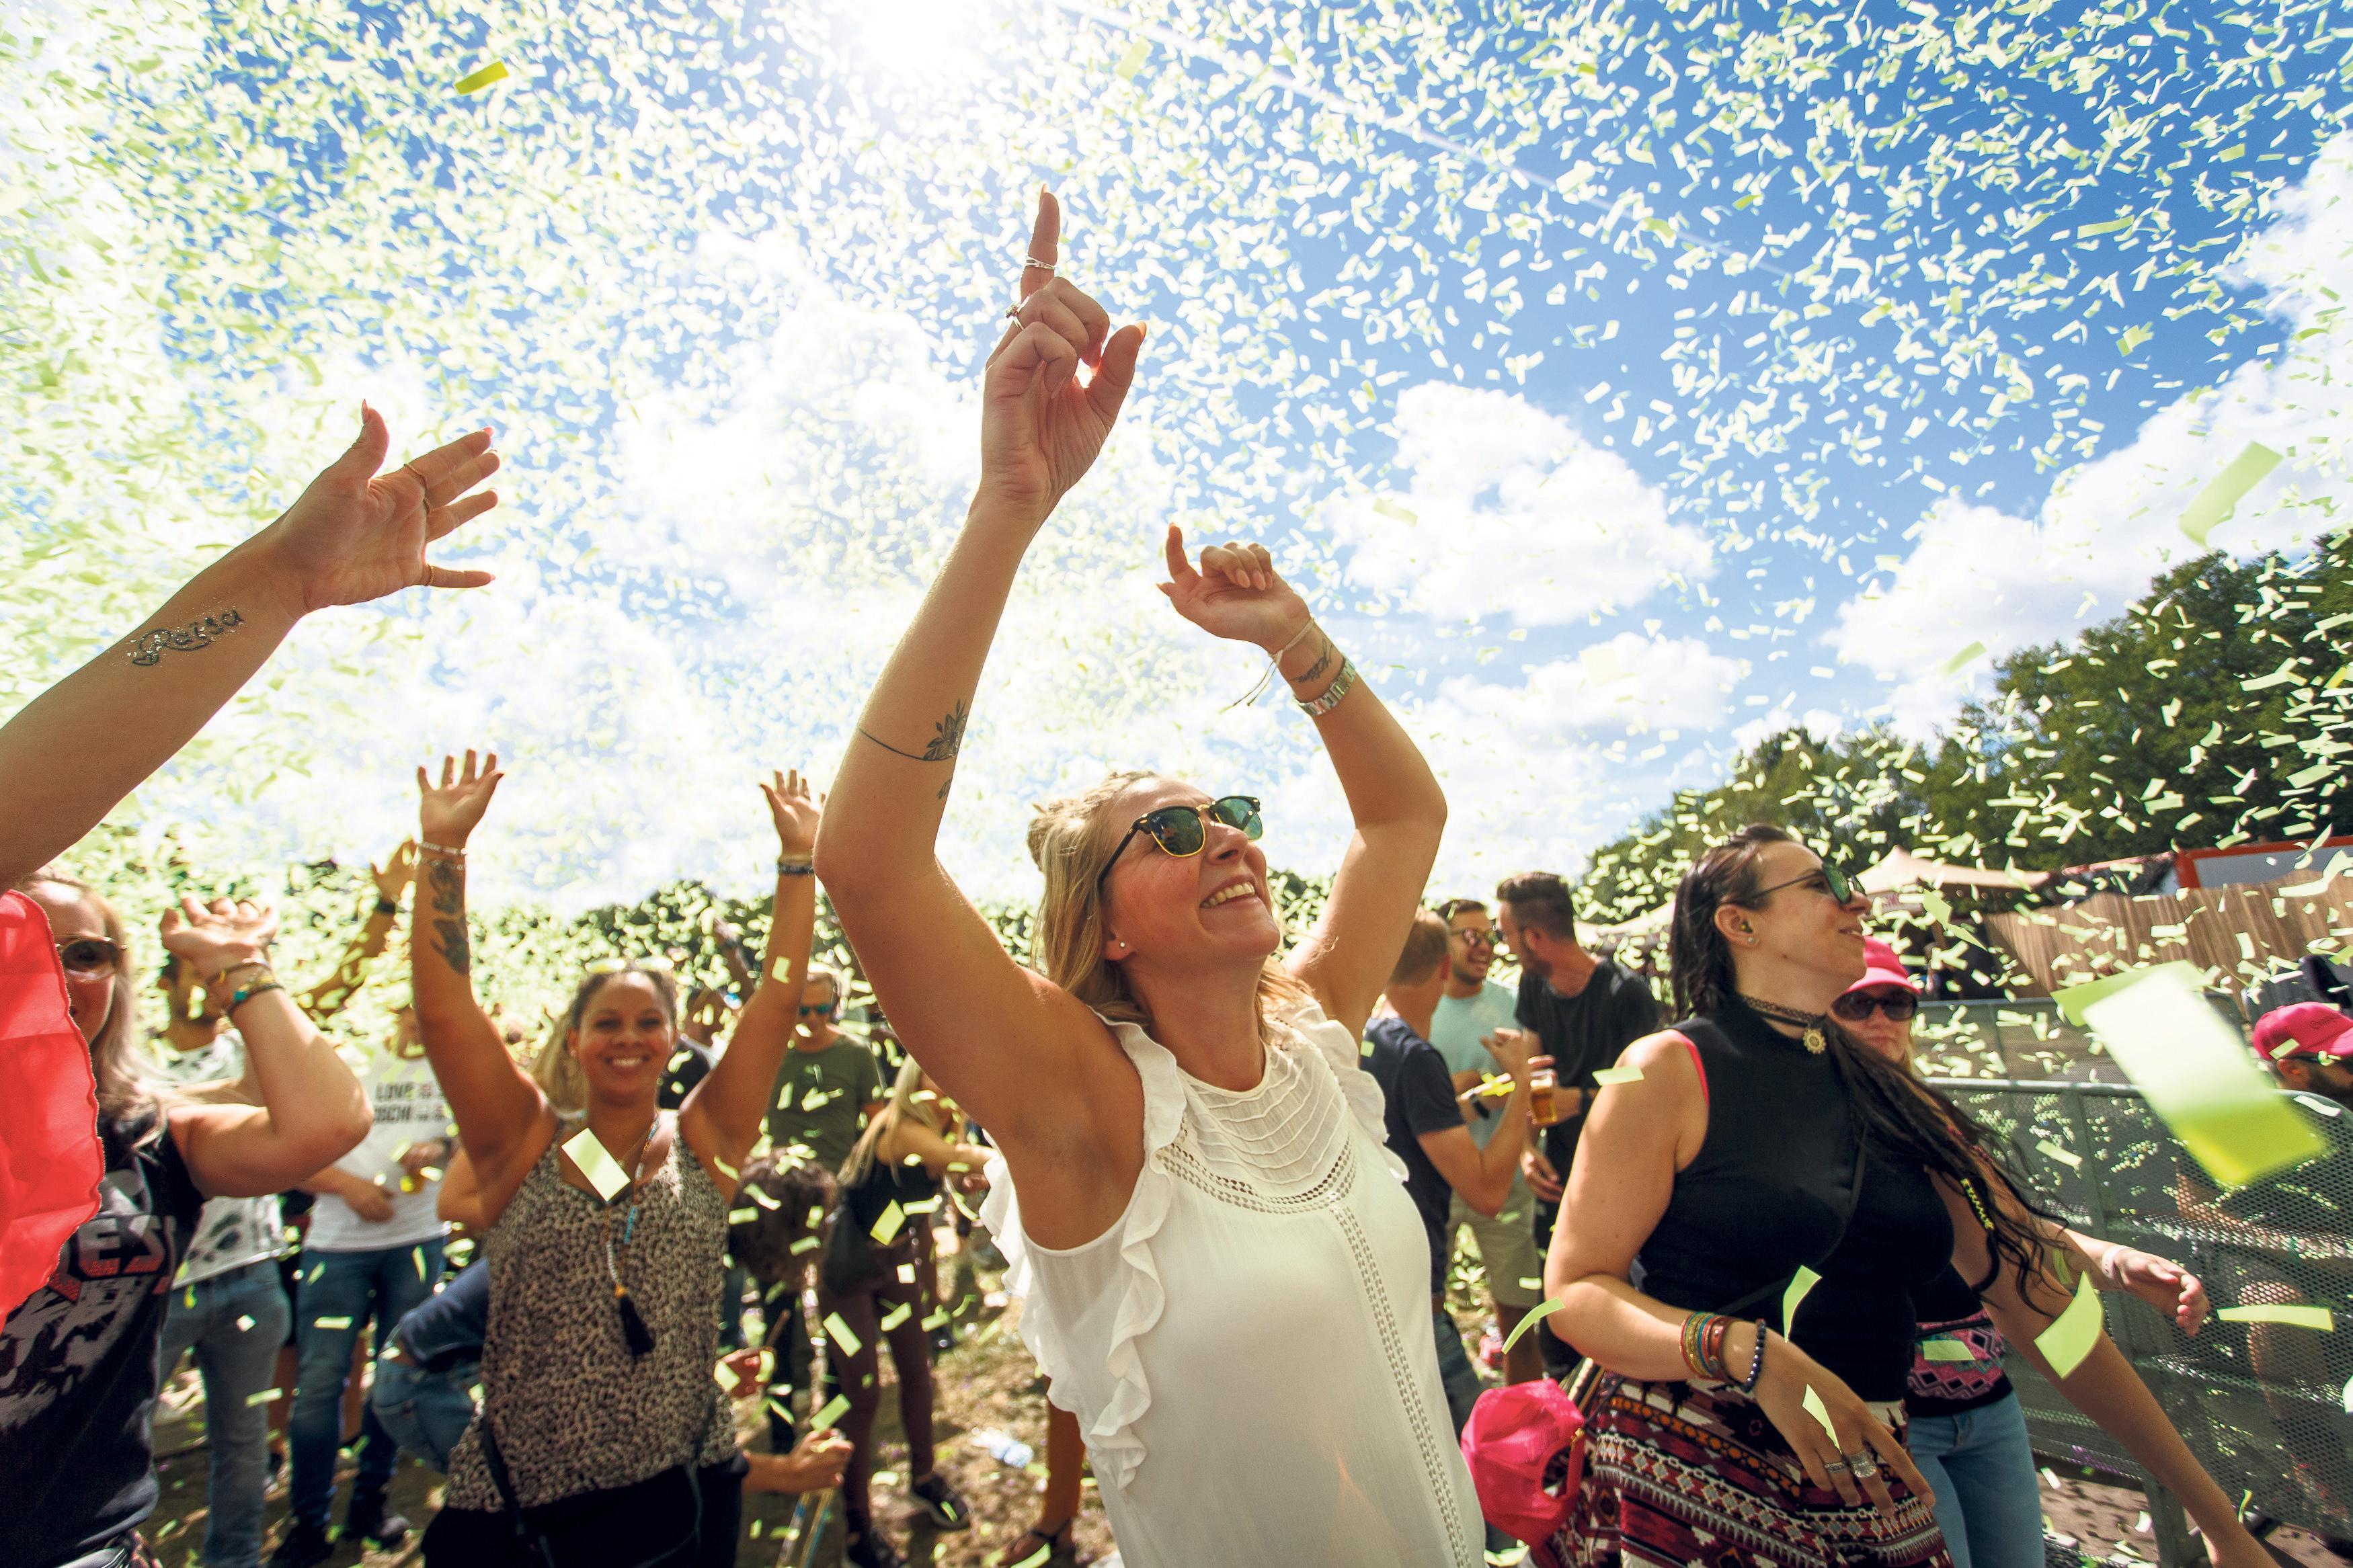 Invoeren 'feesttaks' voor grote evenementen als Dance Valley kan discriminerend zijn: Velsen laat extra onderzoek doen